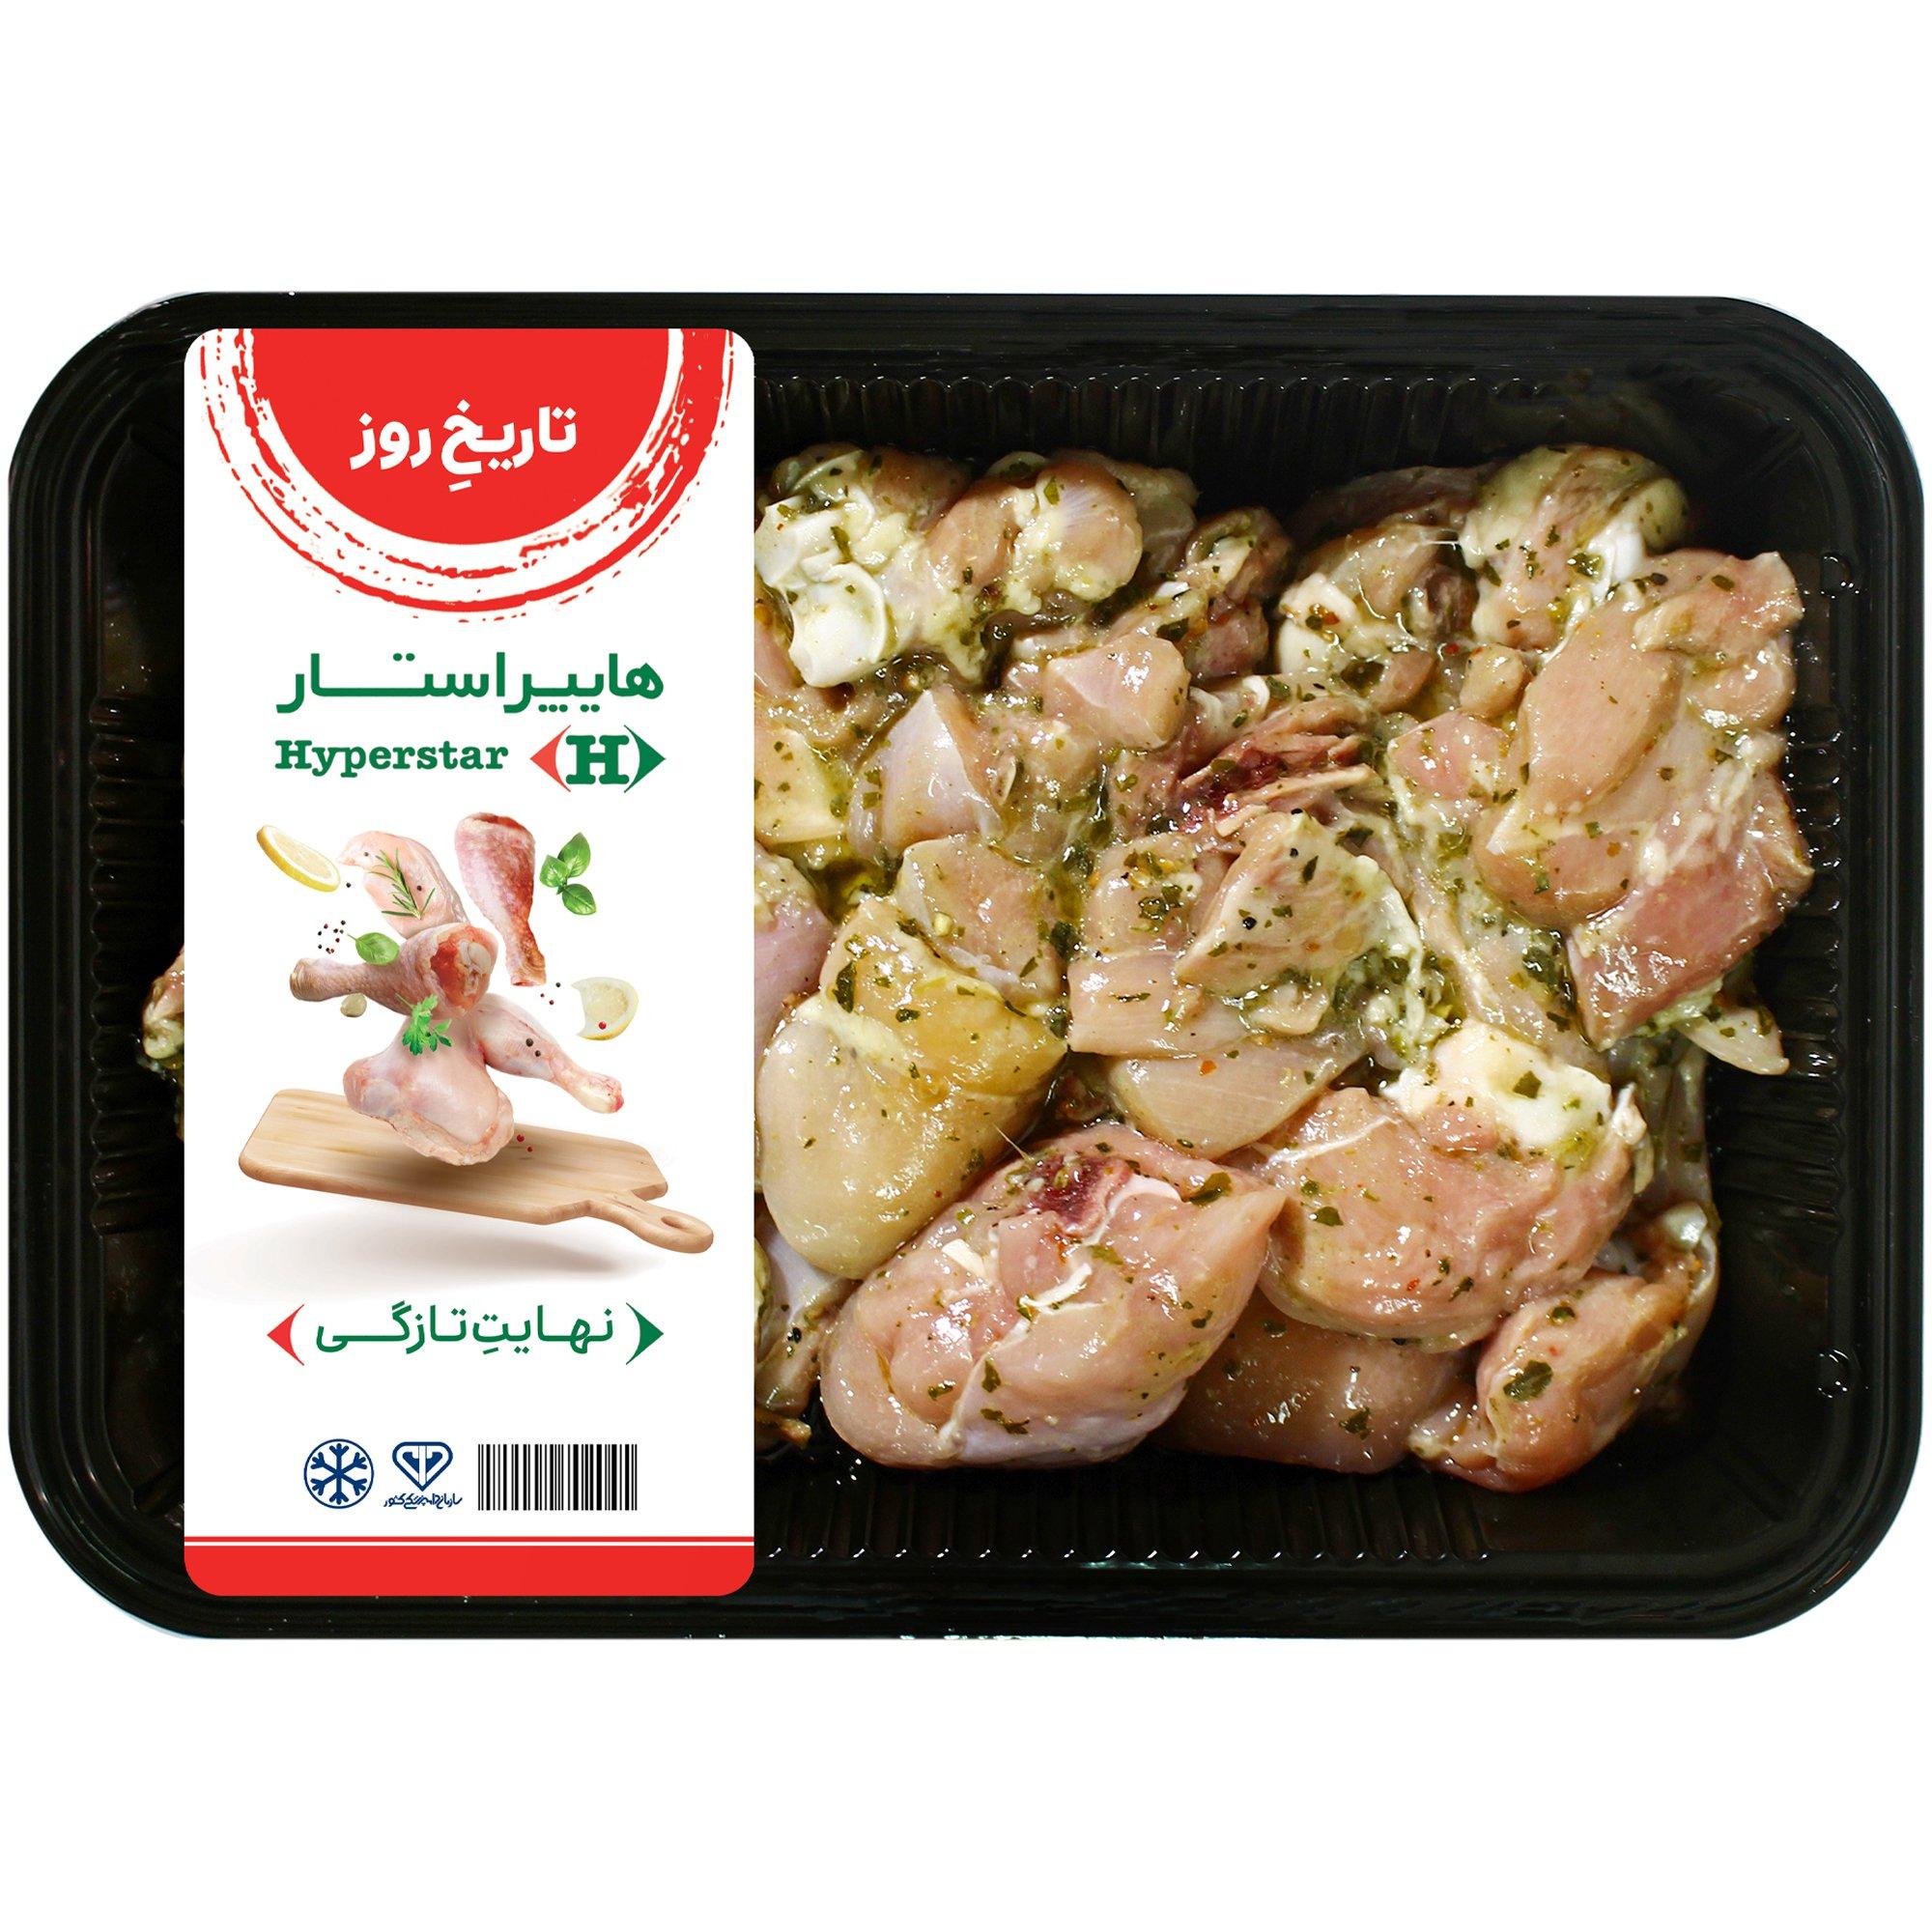 ران مرغ سبزیجات ایتالیایی 500 گرمی